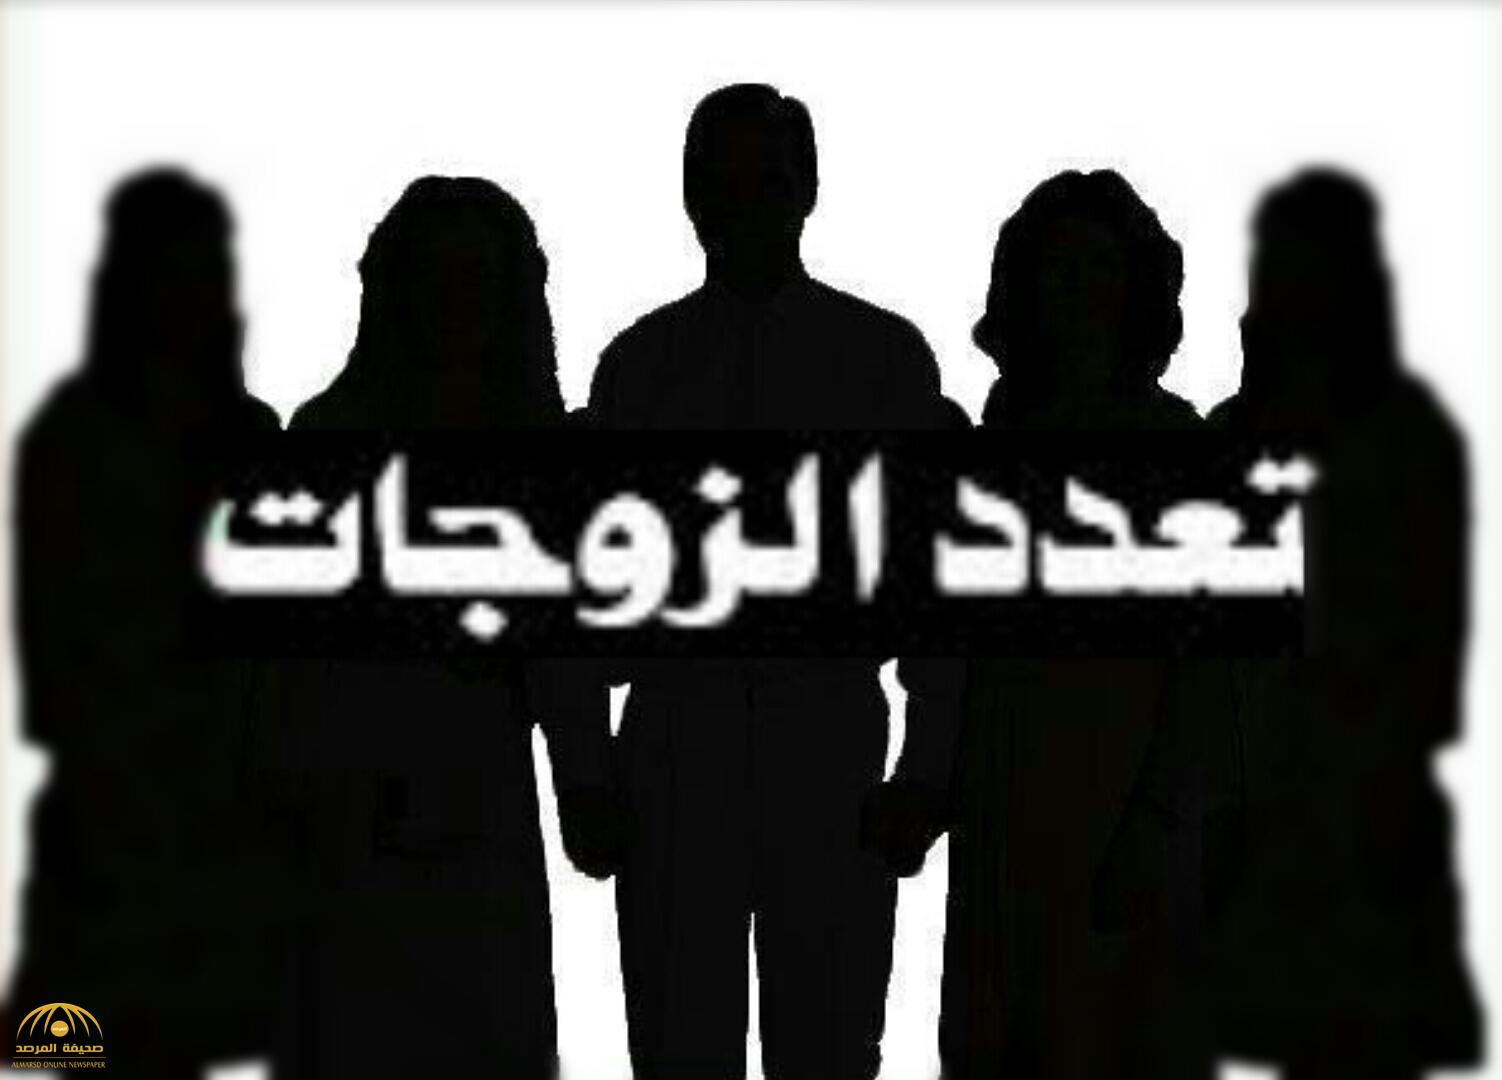 """مقيم """"يمني"""" يرد على سعوديين سخروا منه بسبب """"زوجاته الأربع """": من حقي الزواج ولم أنكر حق الدولة"""